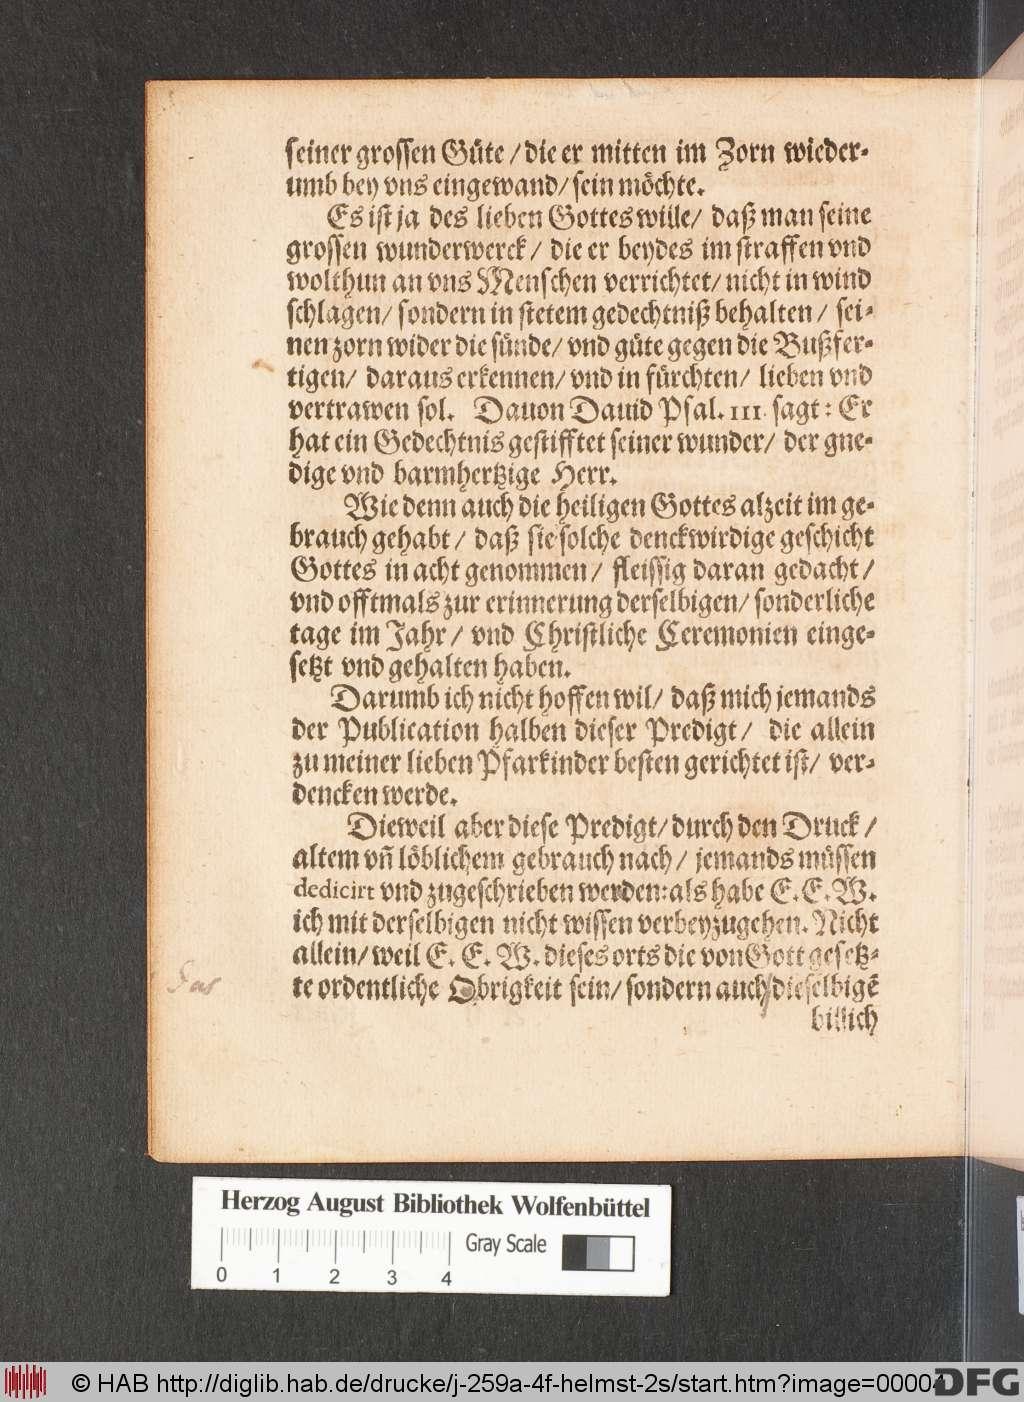 http://diglib.hab.de/drucke/j-259a-4f-helmst-2s/00004.jpg